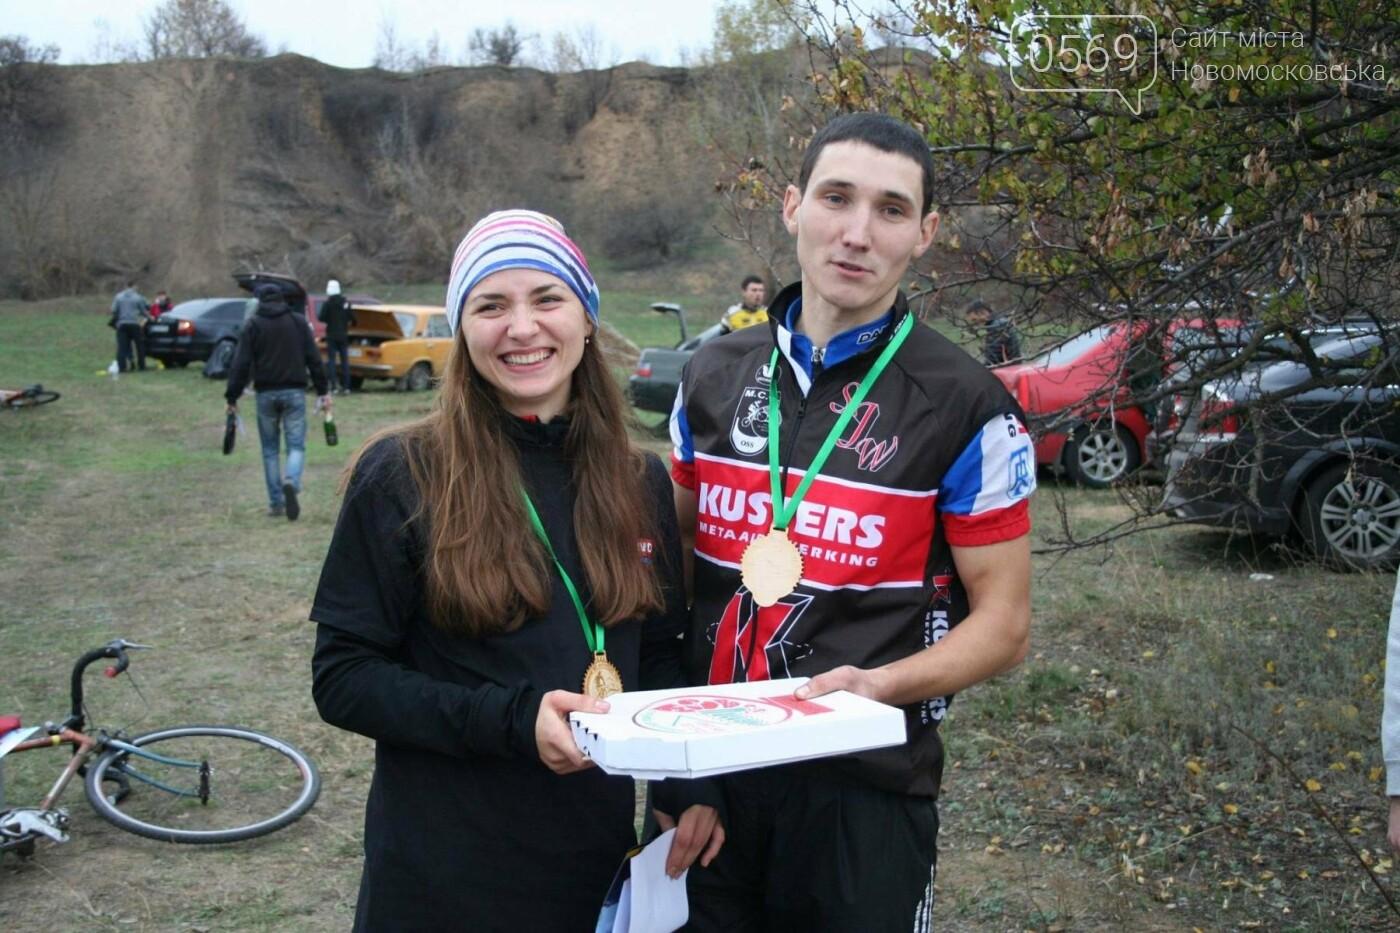 В Новомосковске состязались лучшие велогонщики страны , фото-2